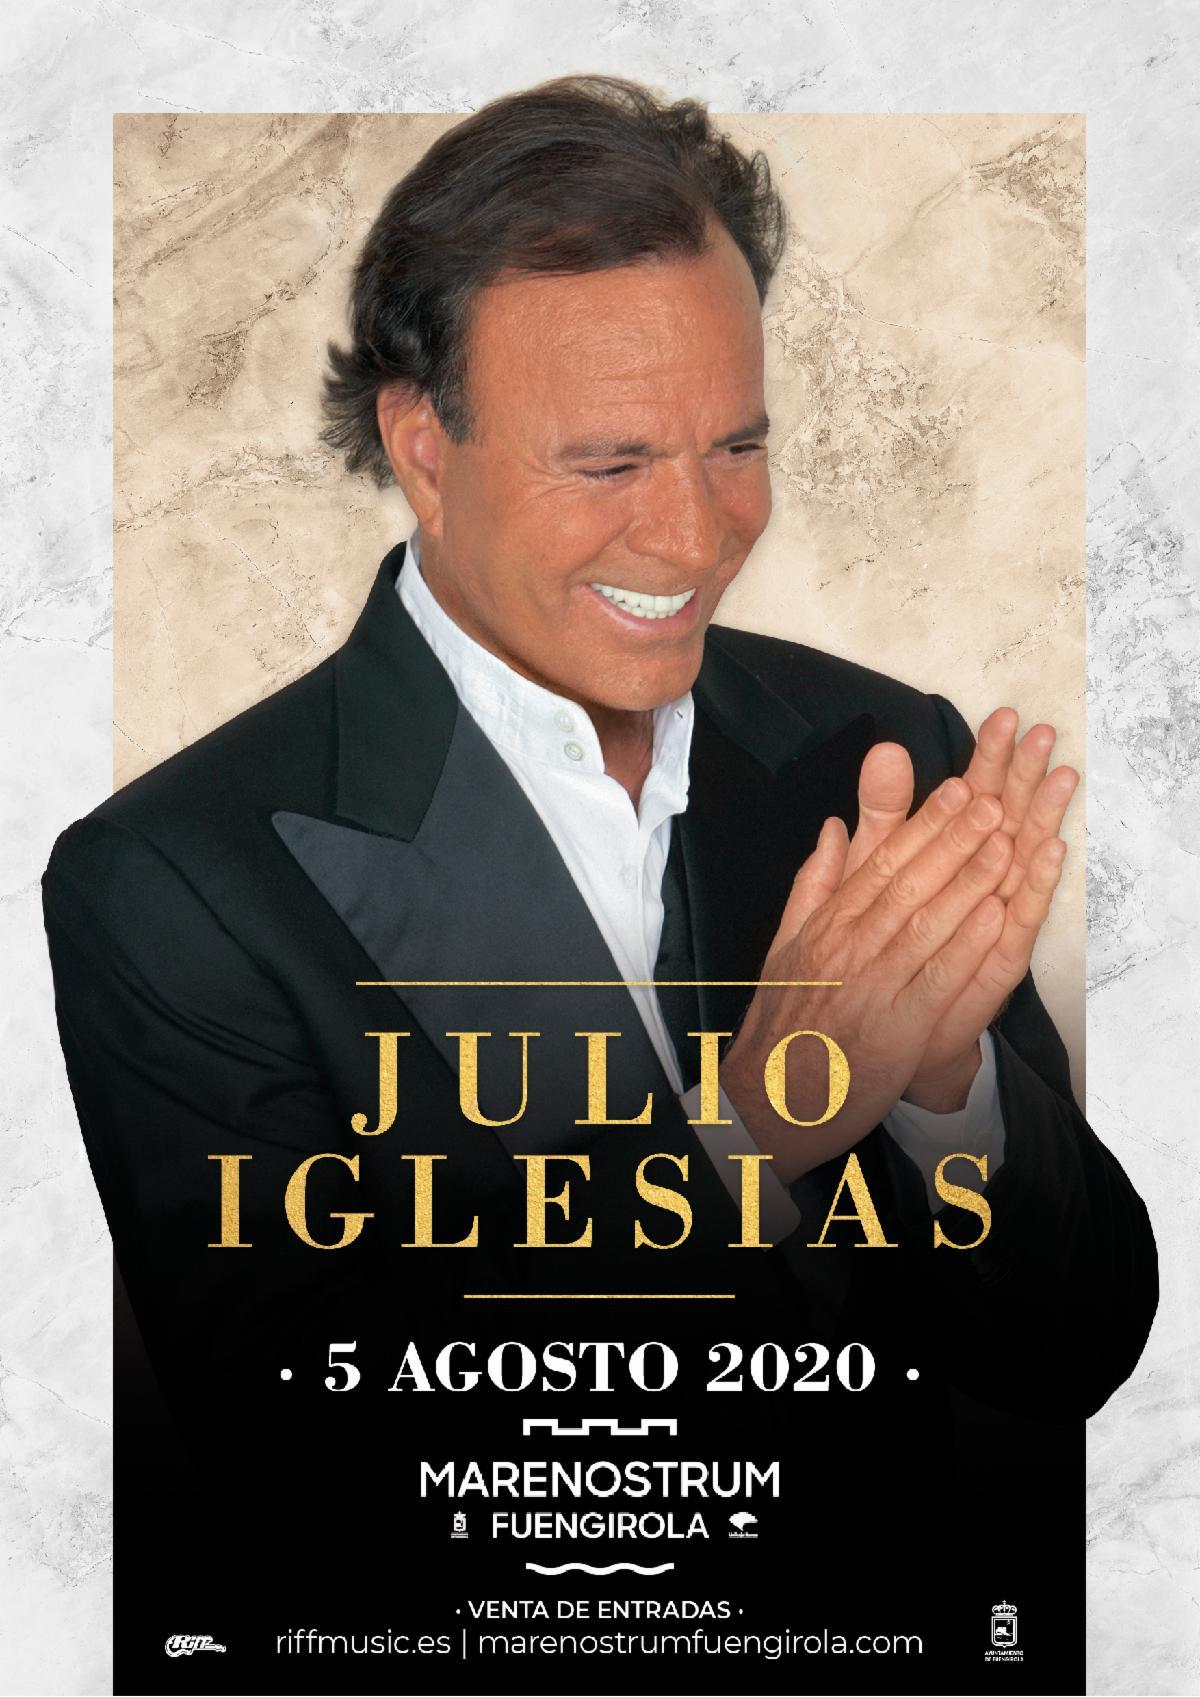 Julio Iglesias celebra su 50 aniversario en la música en el Marenostrum Fuengirola